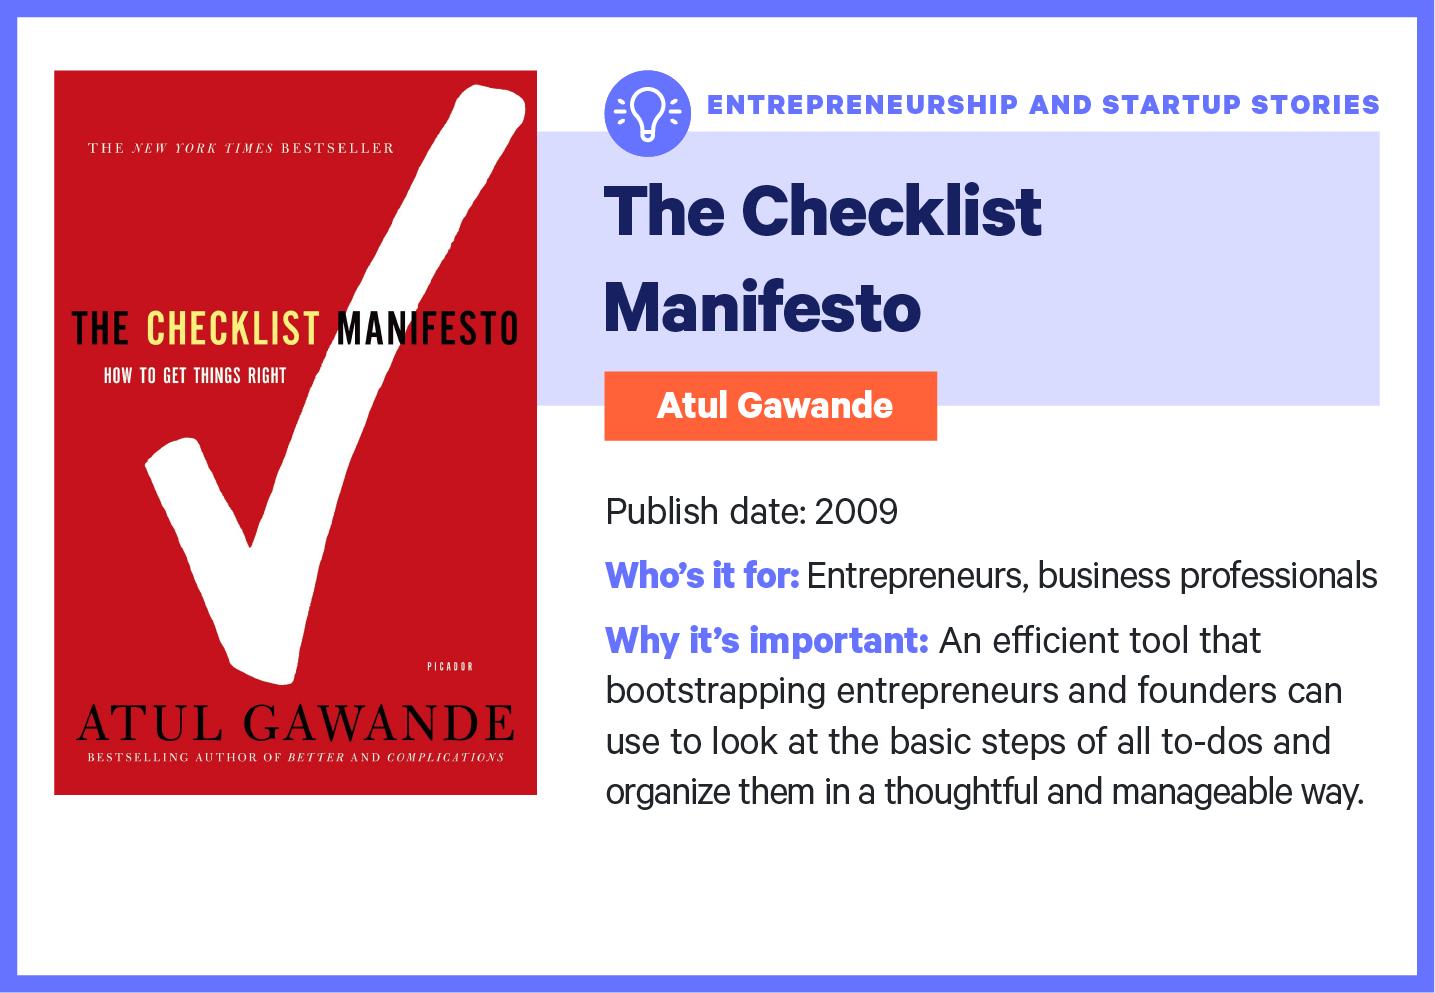 the checklist manifesto book